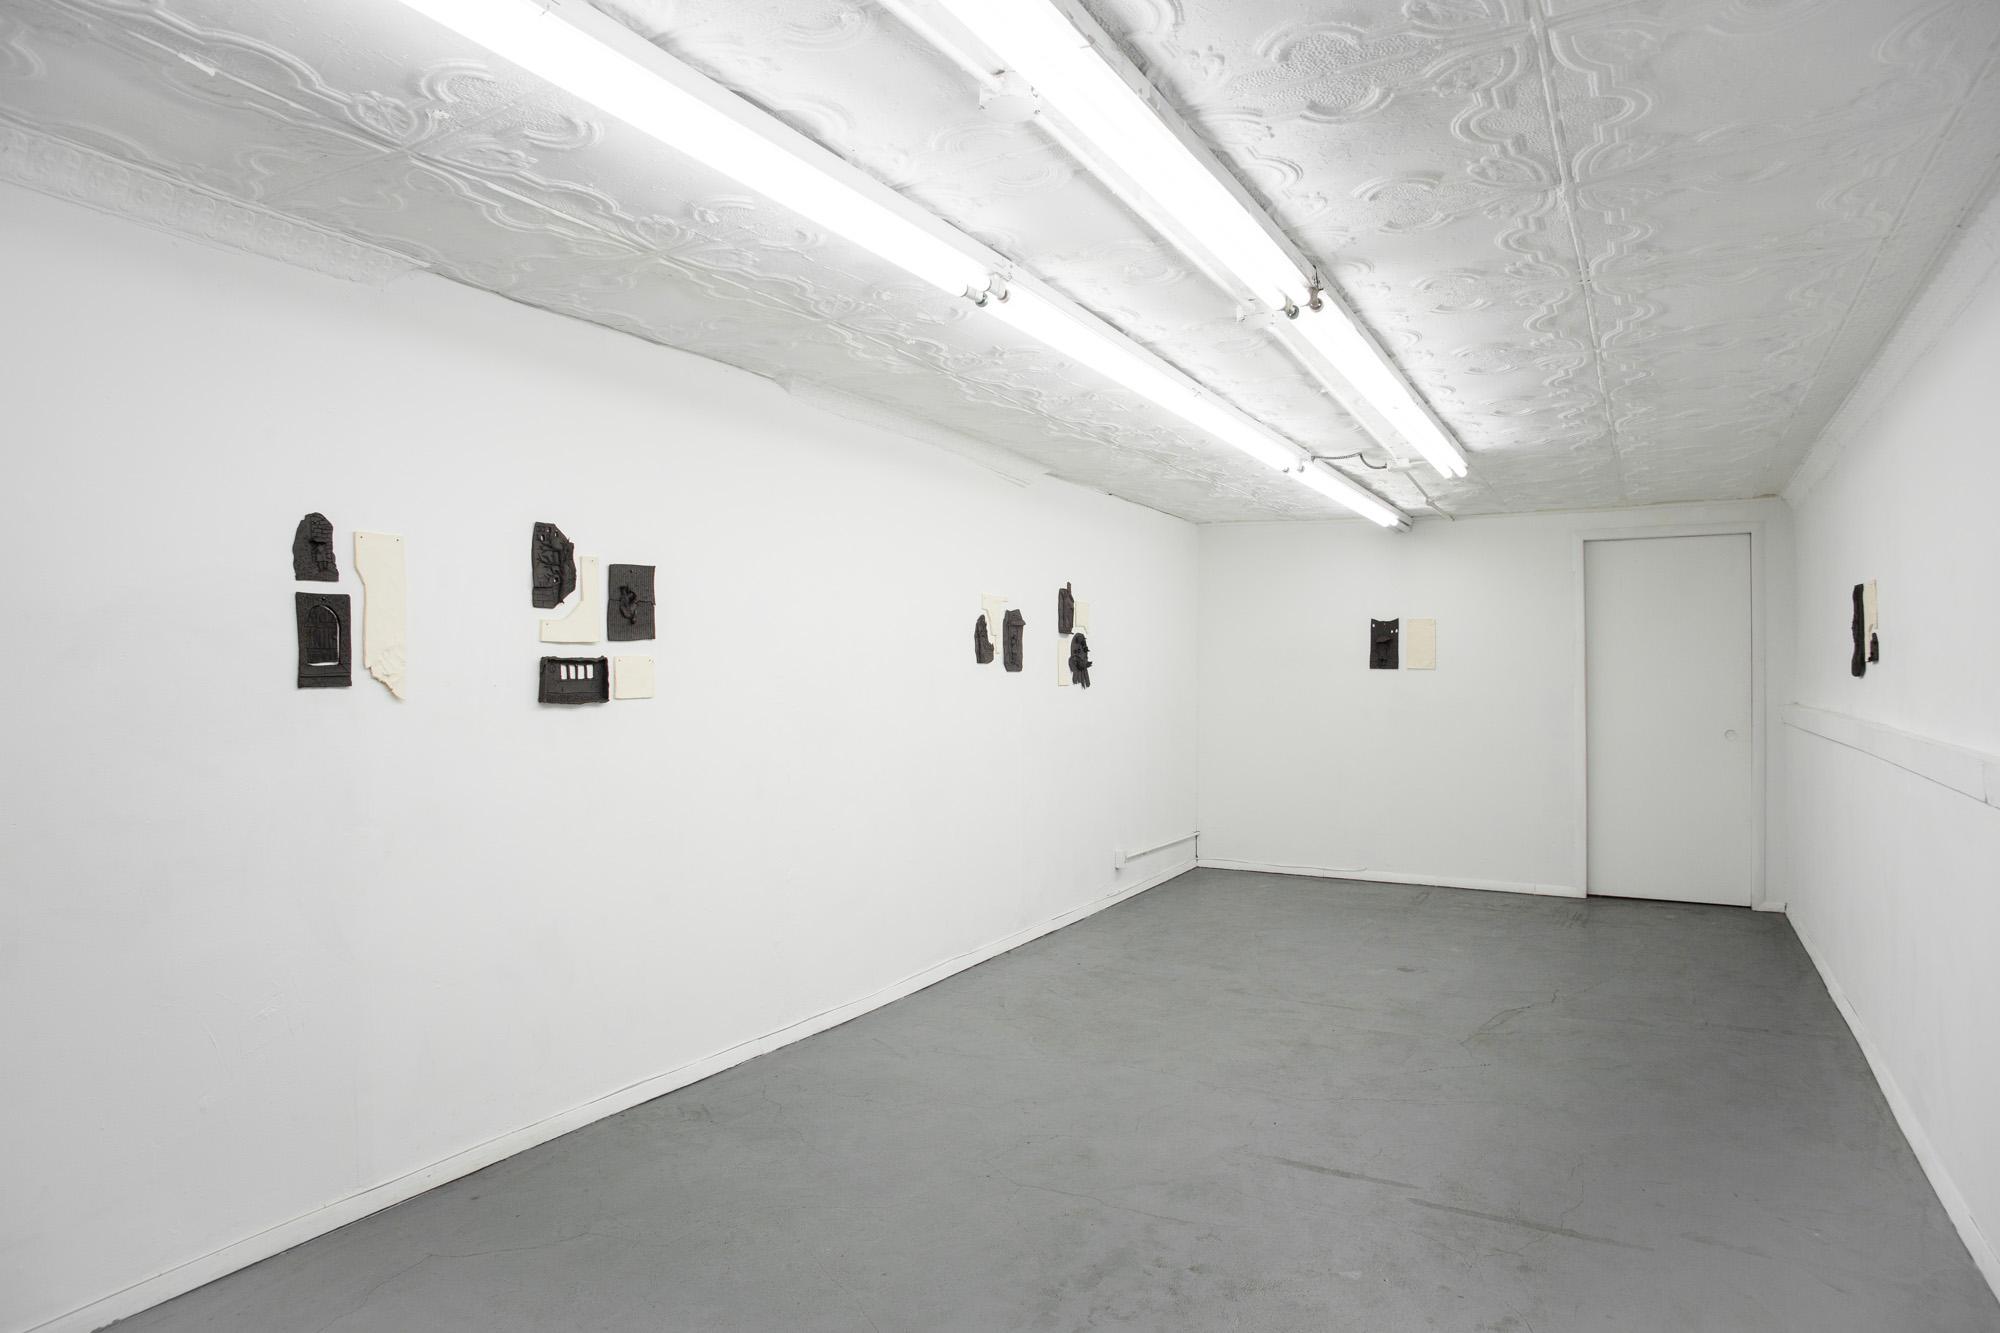 Installation view, Manhattan, STL, NY, 2017